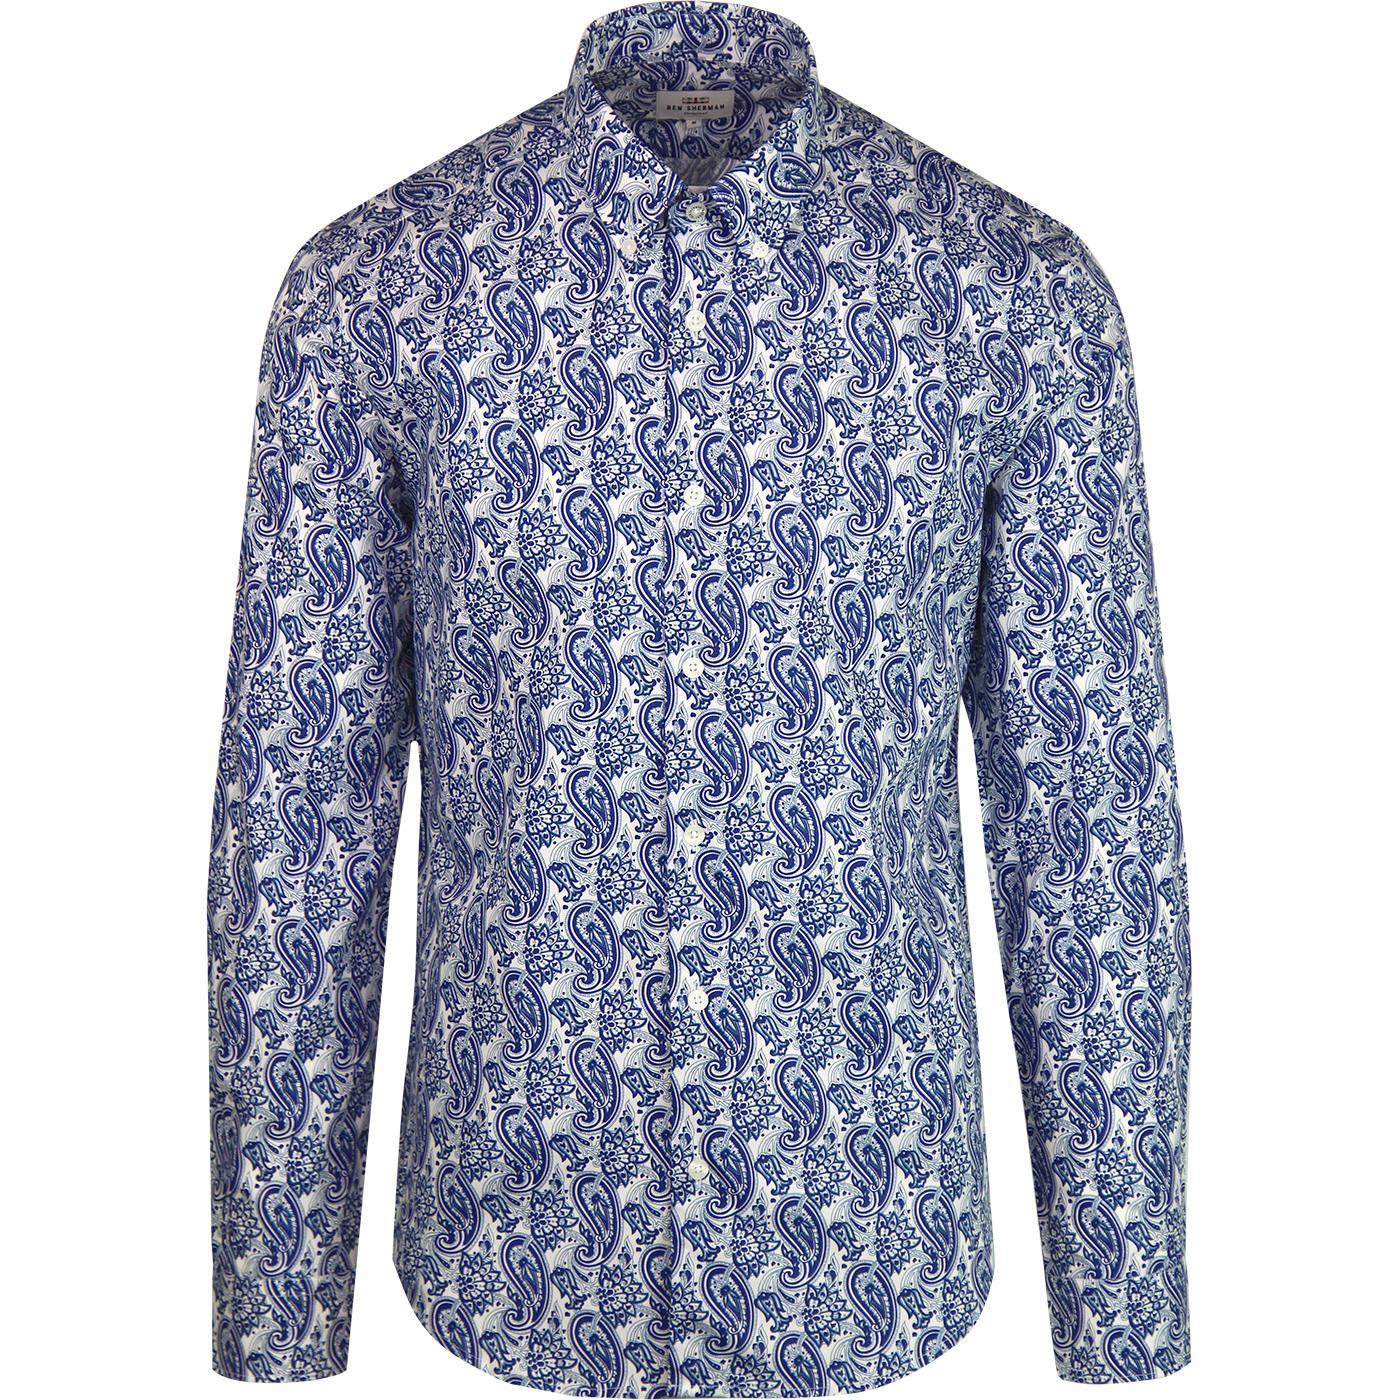 BEN SHERMAN Mod Linear Paisley Button Down Shirt